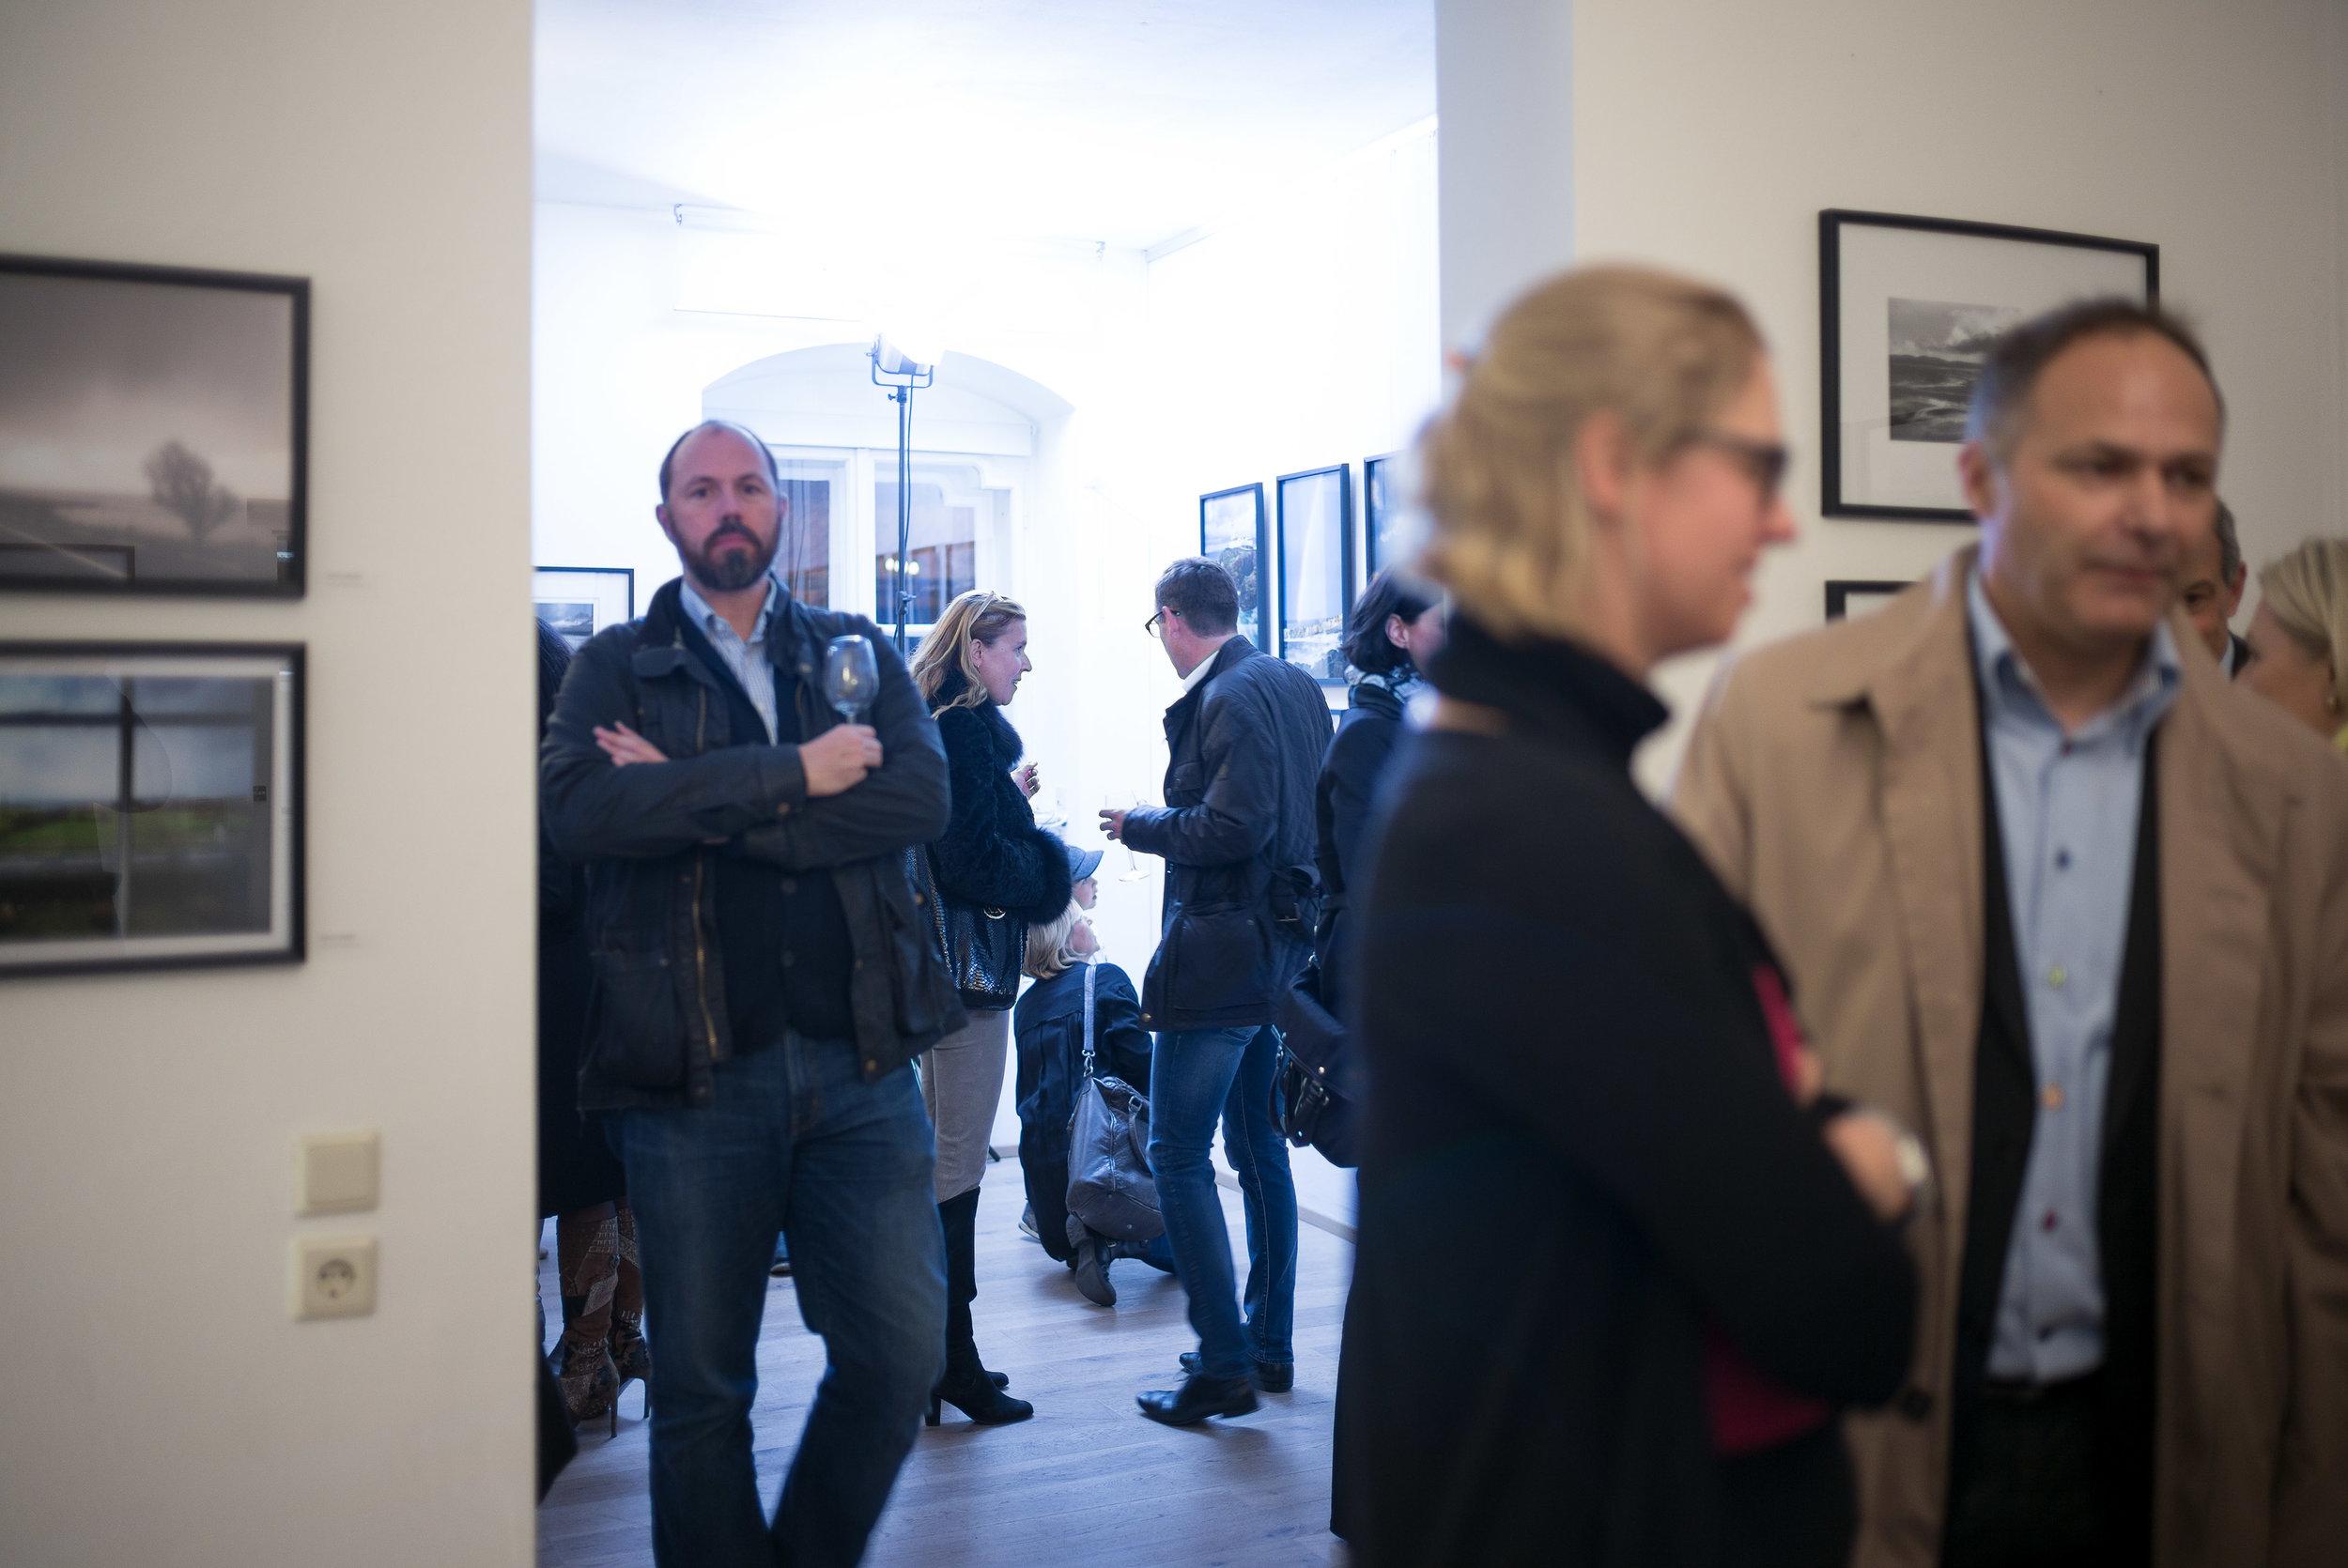 Galerie_LIK_ireland046.jpg